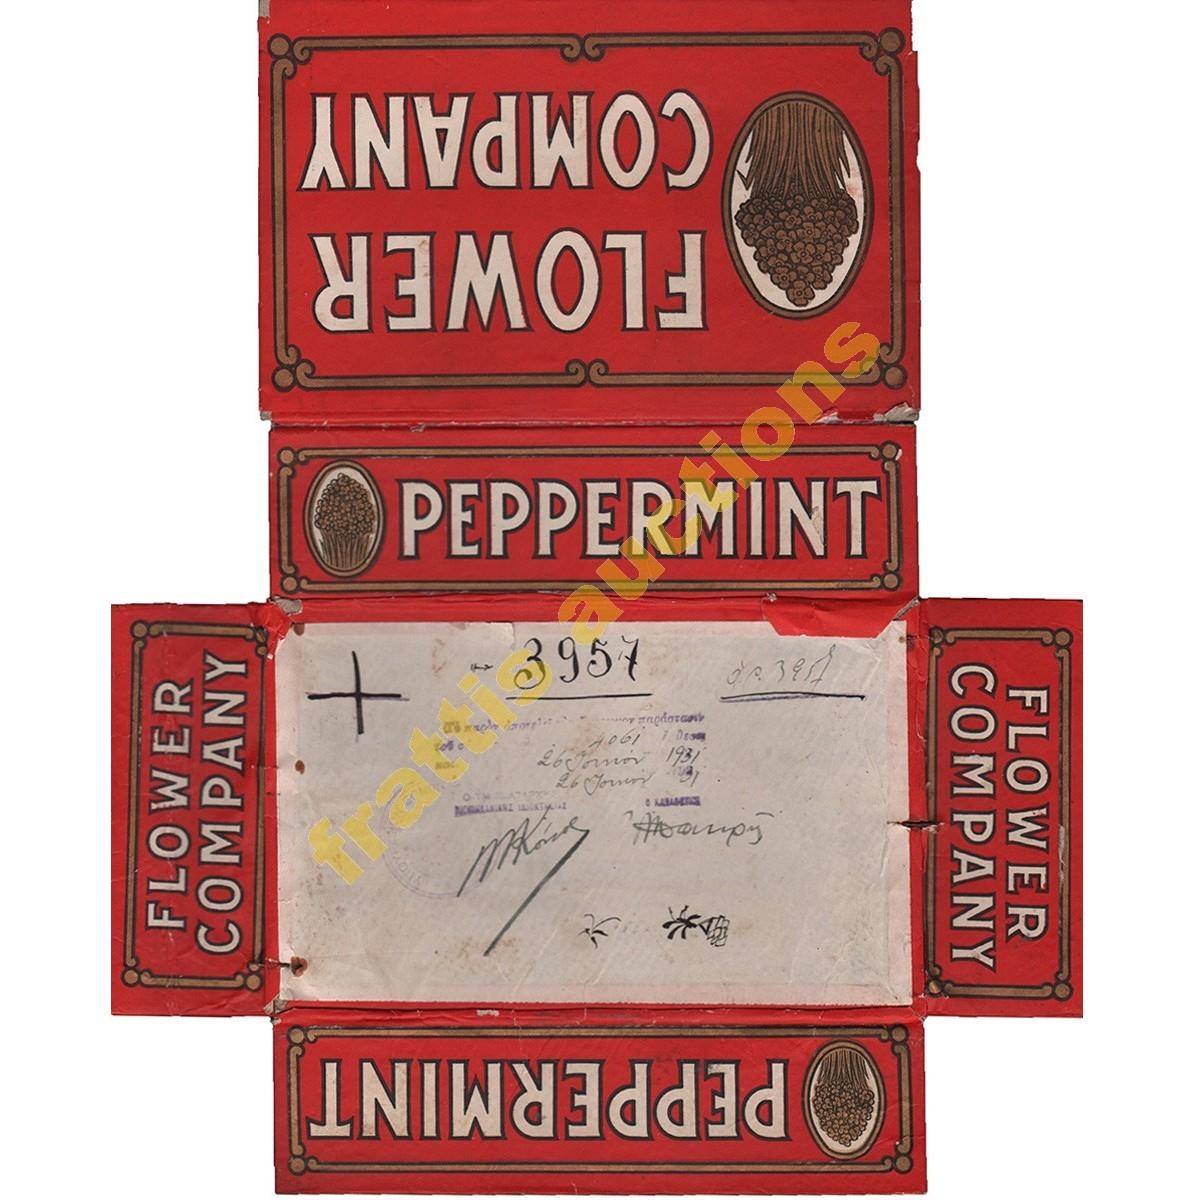 Flower Company, Peppermint, κατοχύρωση συσκευασίας.